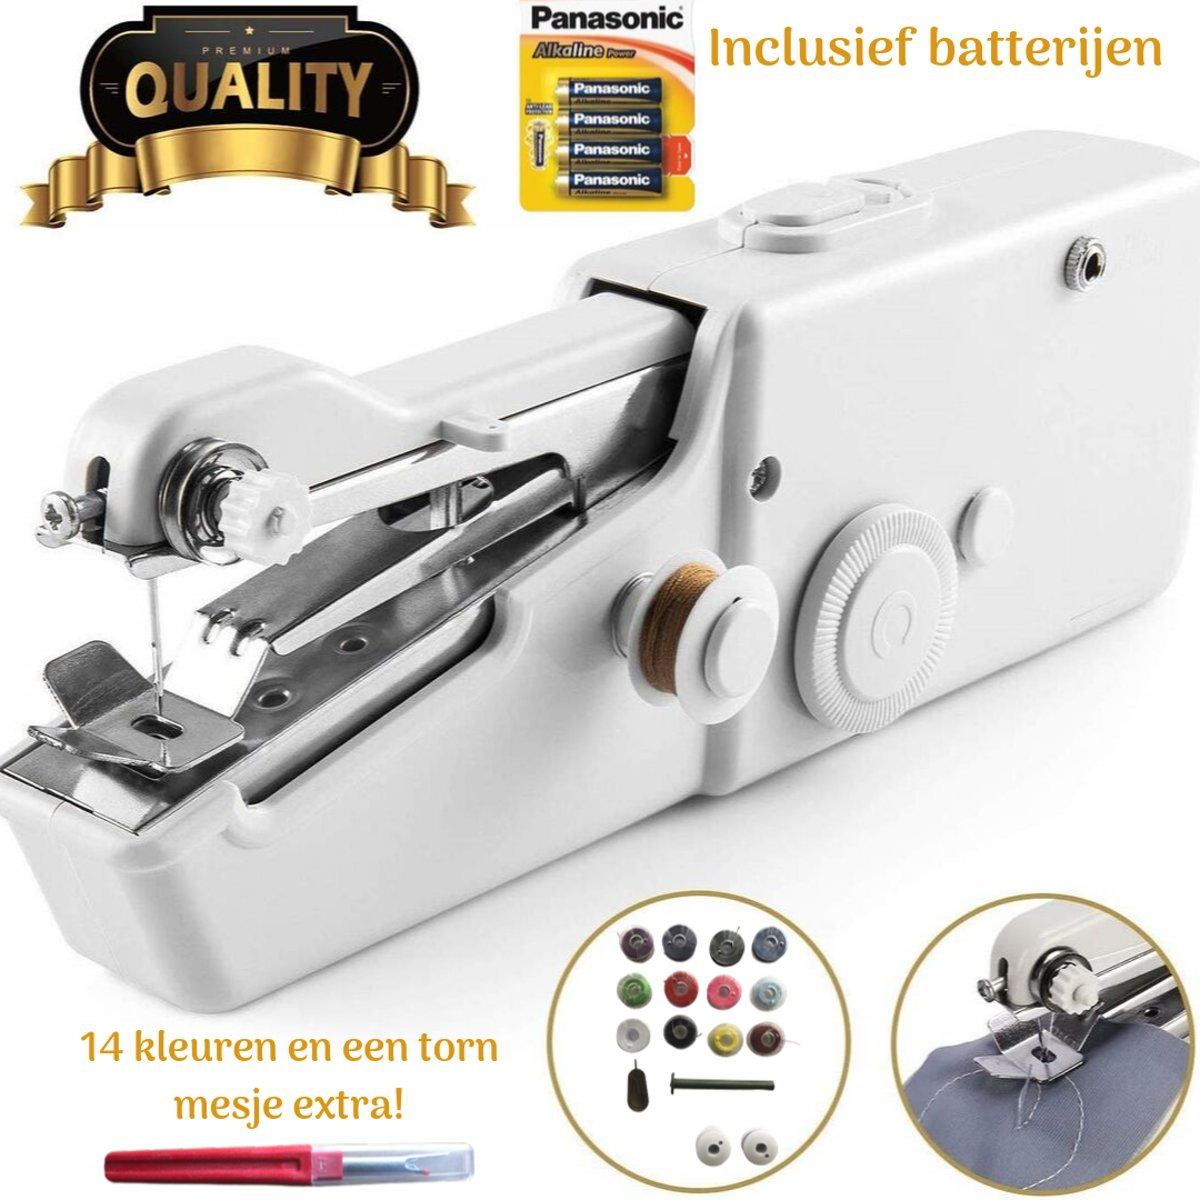 Original Sewyy Handnaaimachine – Mini Hand Naaimachine – 14 kleuren naaigaren Draagbaar - Incl. Panasonic batterijen - Elektrisch - Draadloos - Naaien - Vakantie - Reis kopen